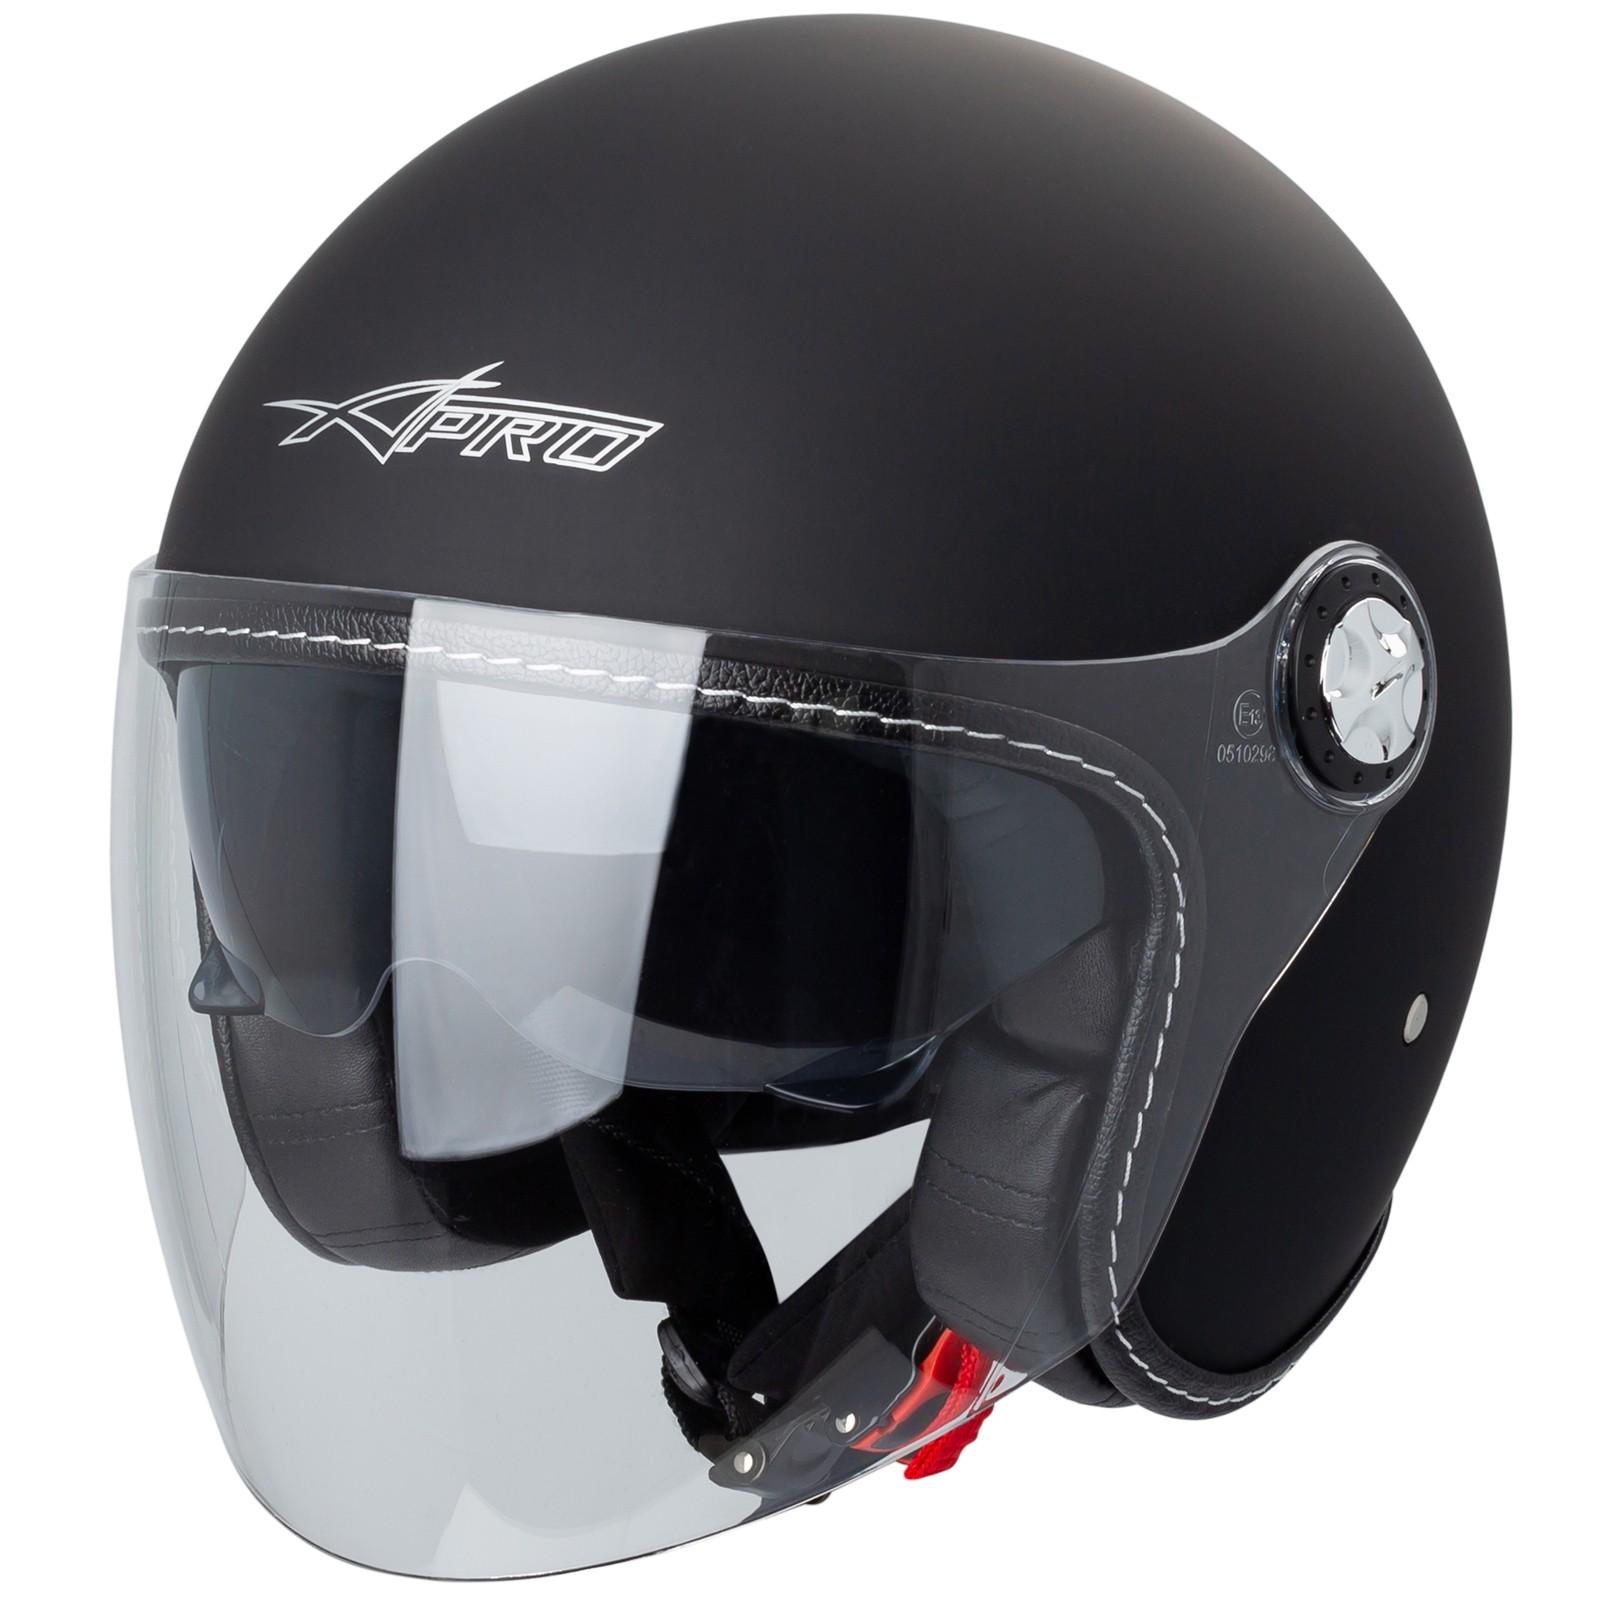 Demi Jet Casque Visi/ère Pare Soleil ECE 22-05 Approuv/é Moto Scooter A-Pro Kinetic Argent XS